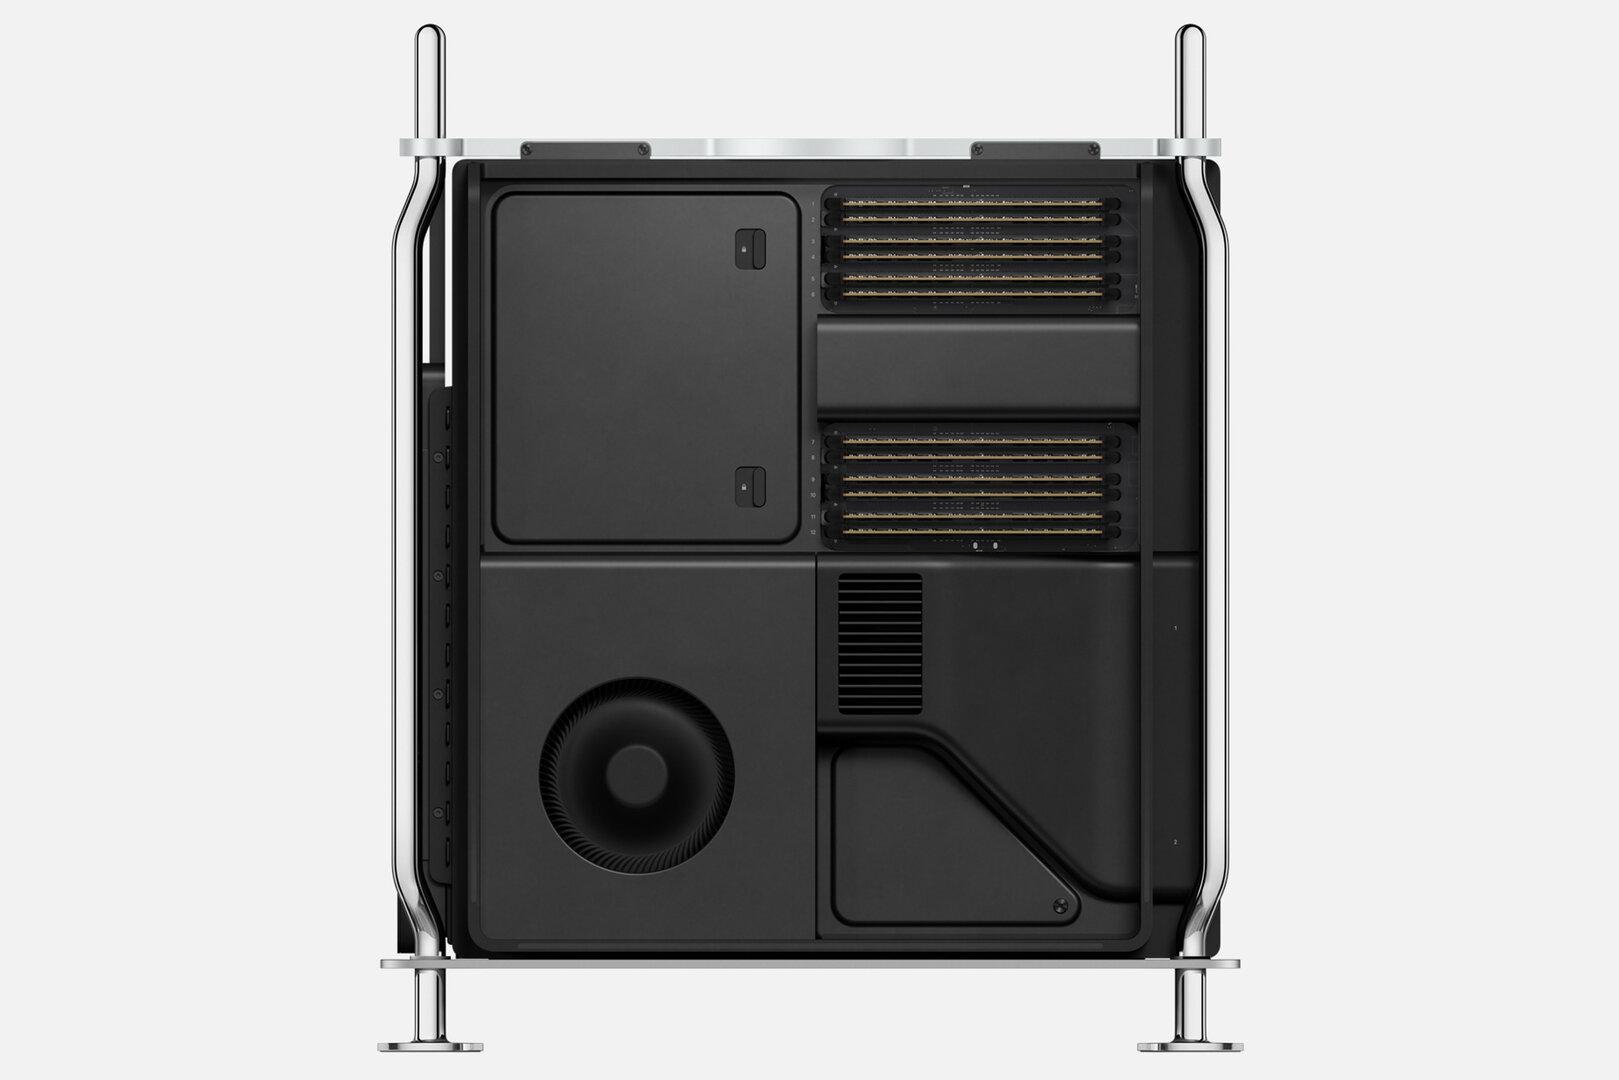 Mac Pro geöffnet von links mit zwölf RAM-Modulen